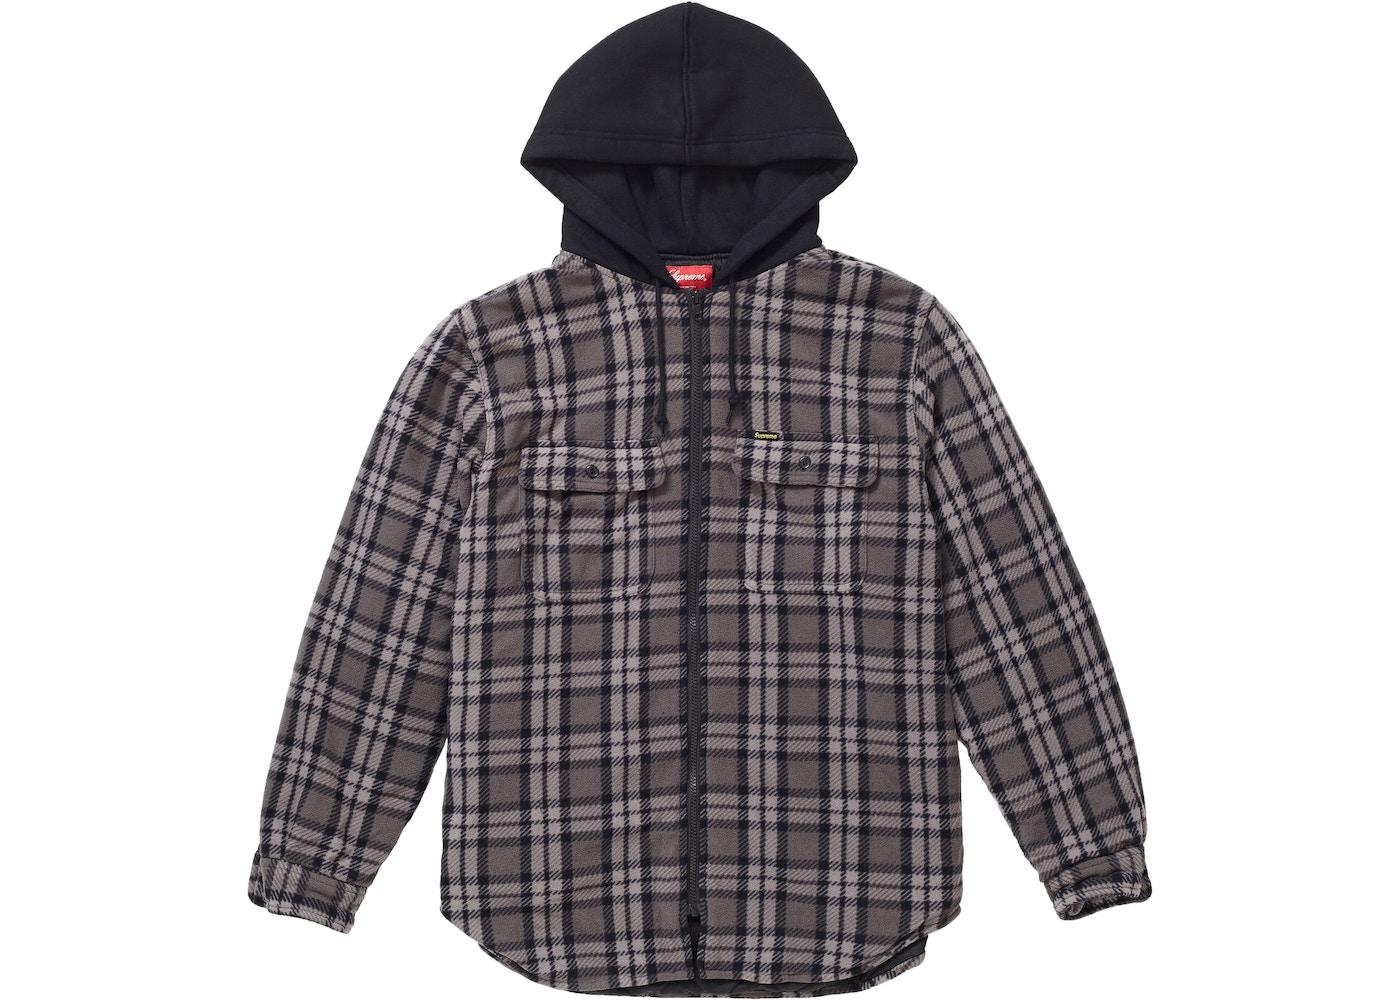 806b4d91df0c Streetwear - Supreme Shirts - New Highest Bids